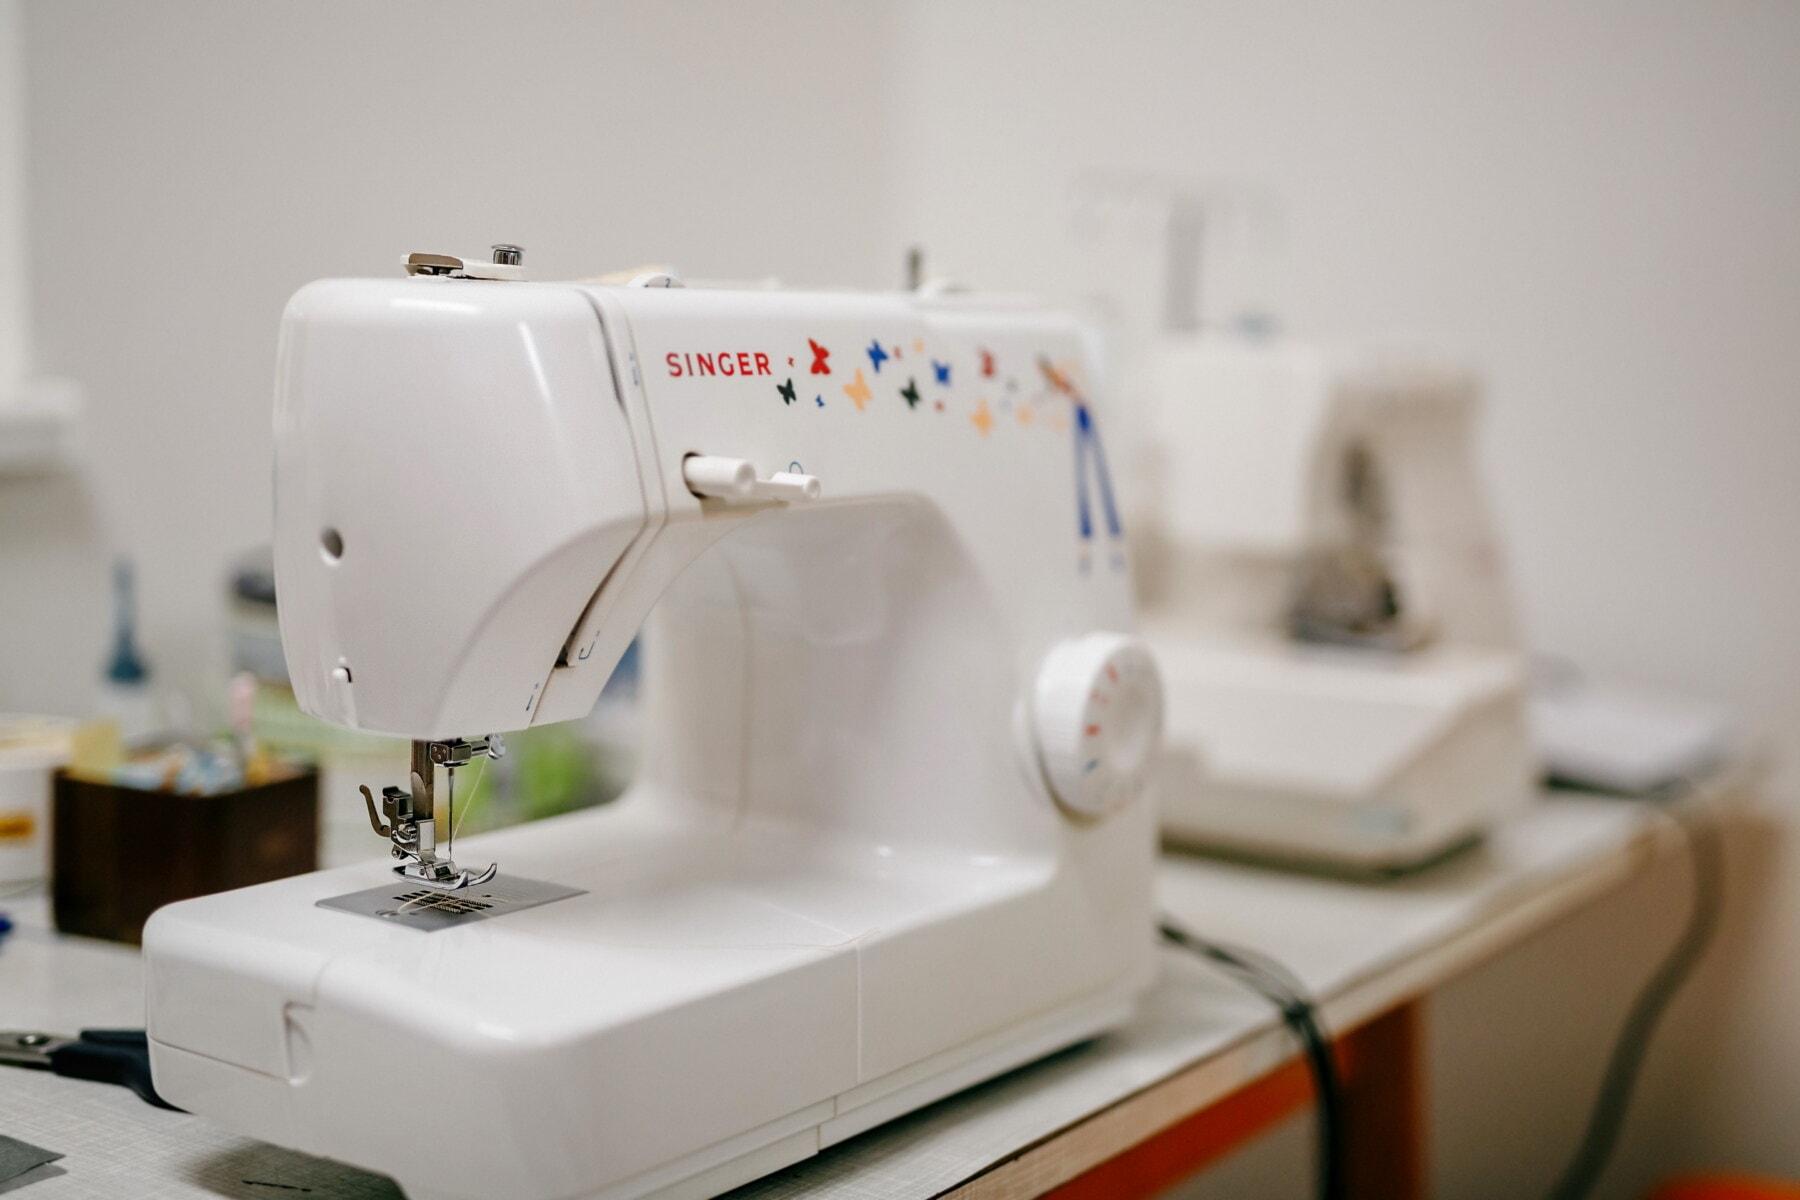 machine à coudre, Salon, aiguille à coudre, Atelier, couture, unité, à l'intérieur, aiguille, équipement, secteur d'activité